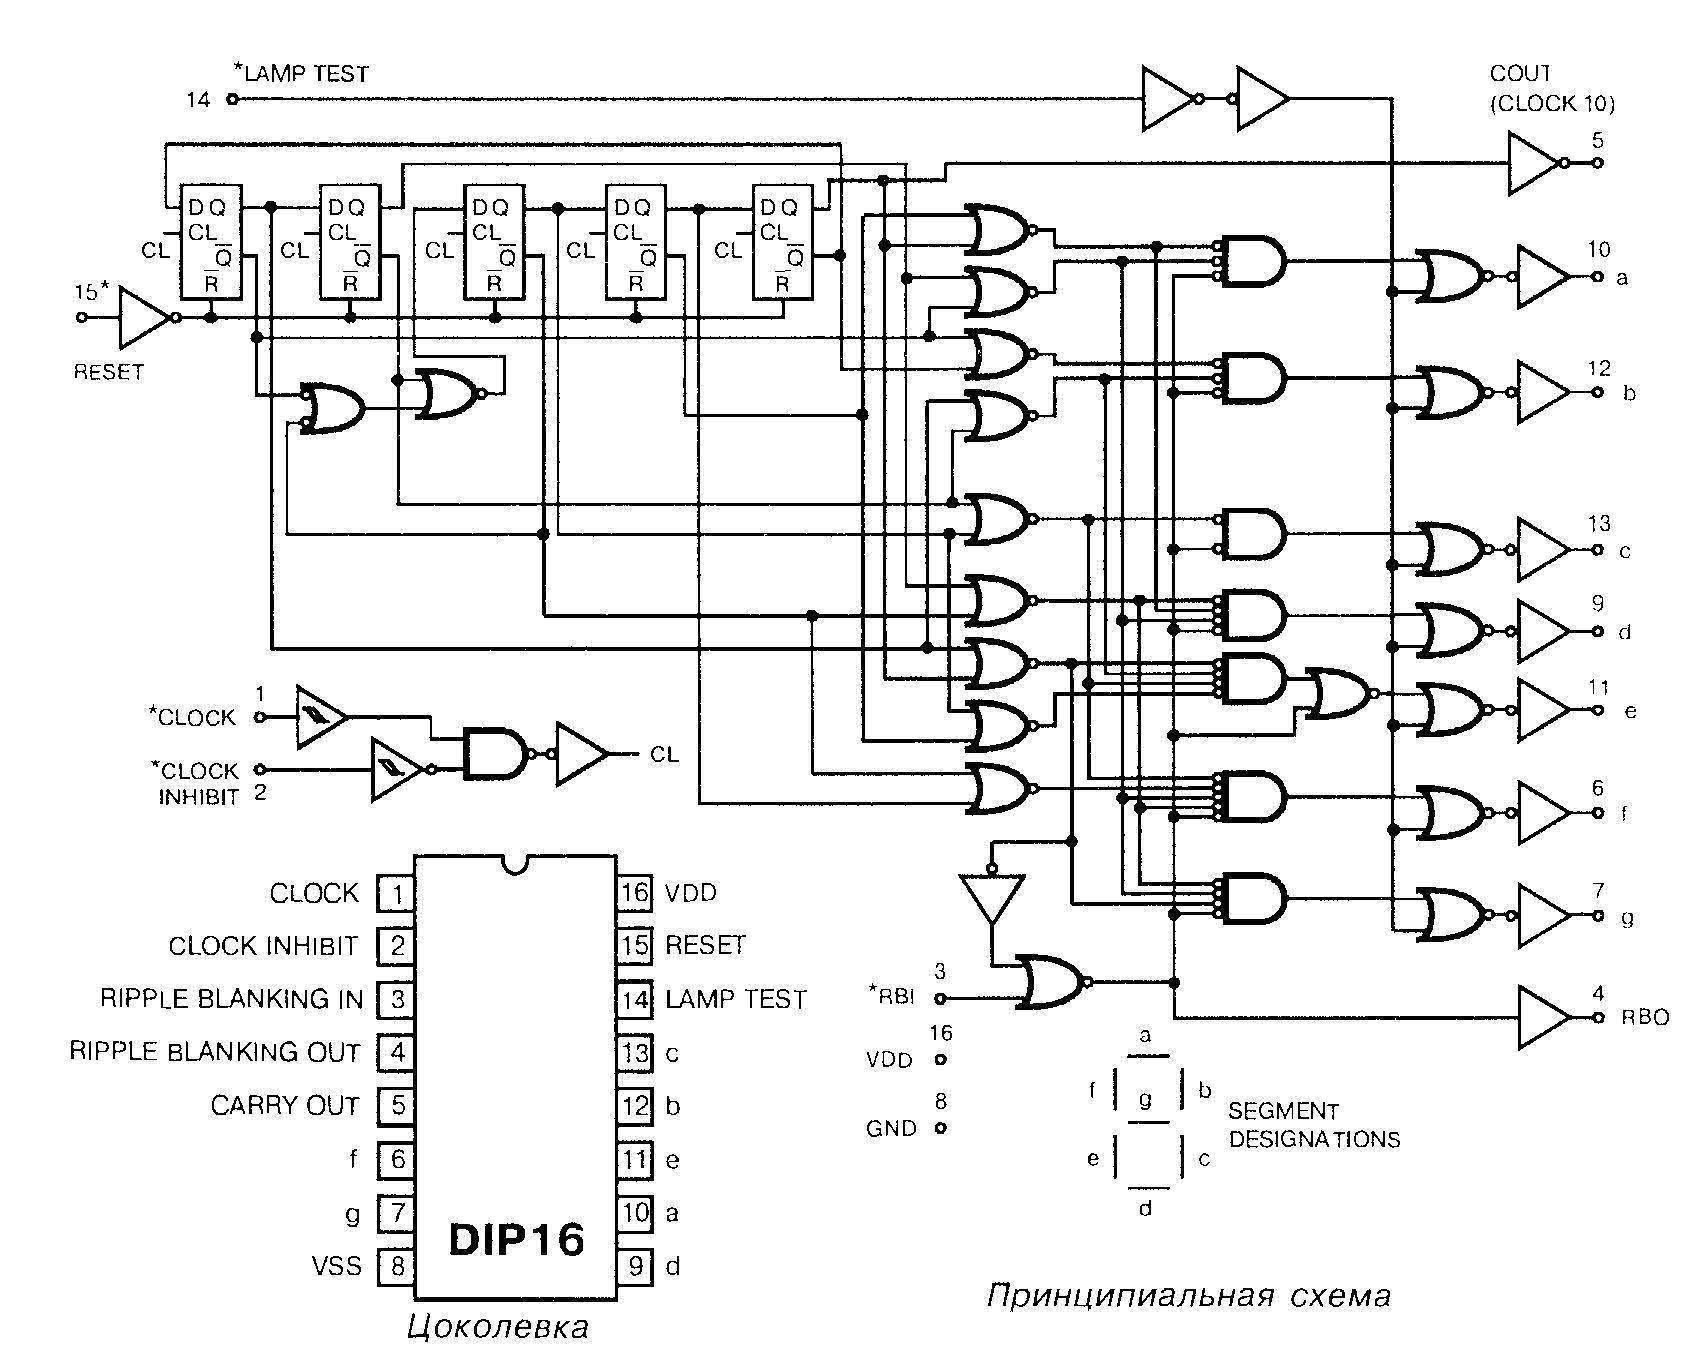 Микросхема 4033 - принципиальная схема и цоколёвка